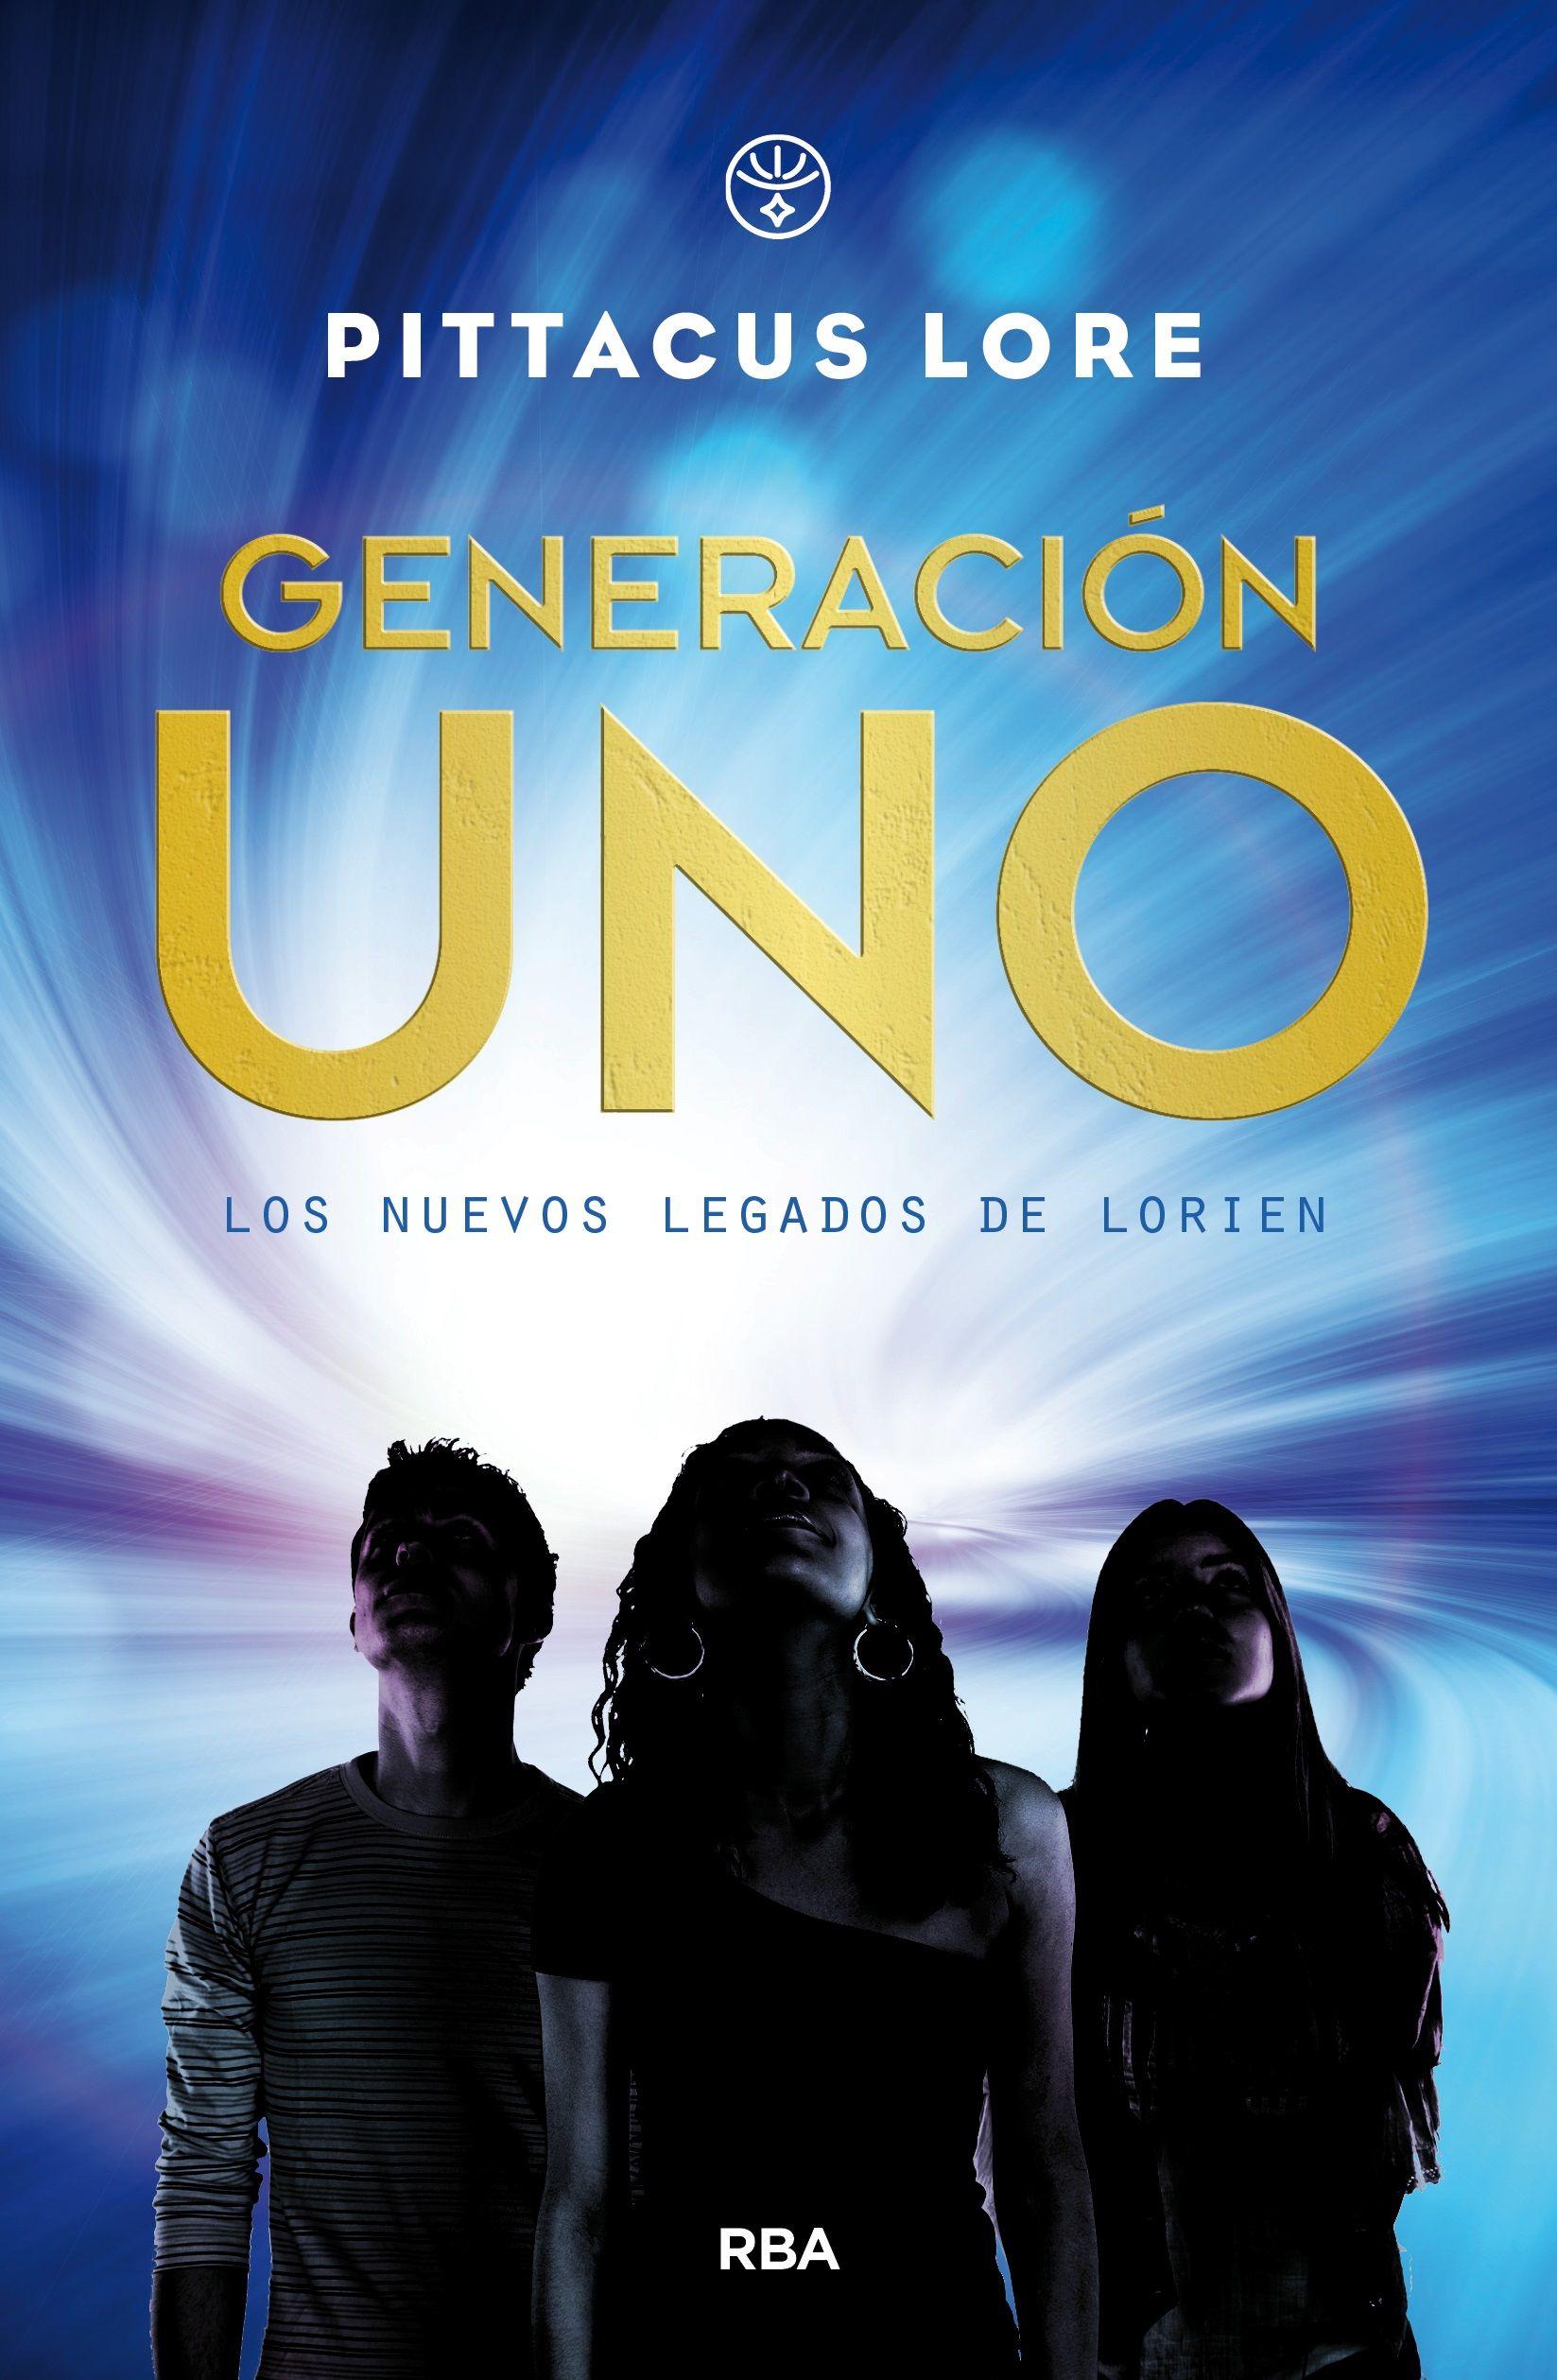 Generación uno (Los nuevos Legados de Lorien, 1) - Pittacus Lore